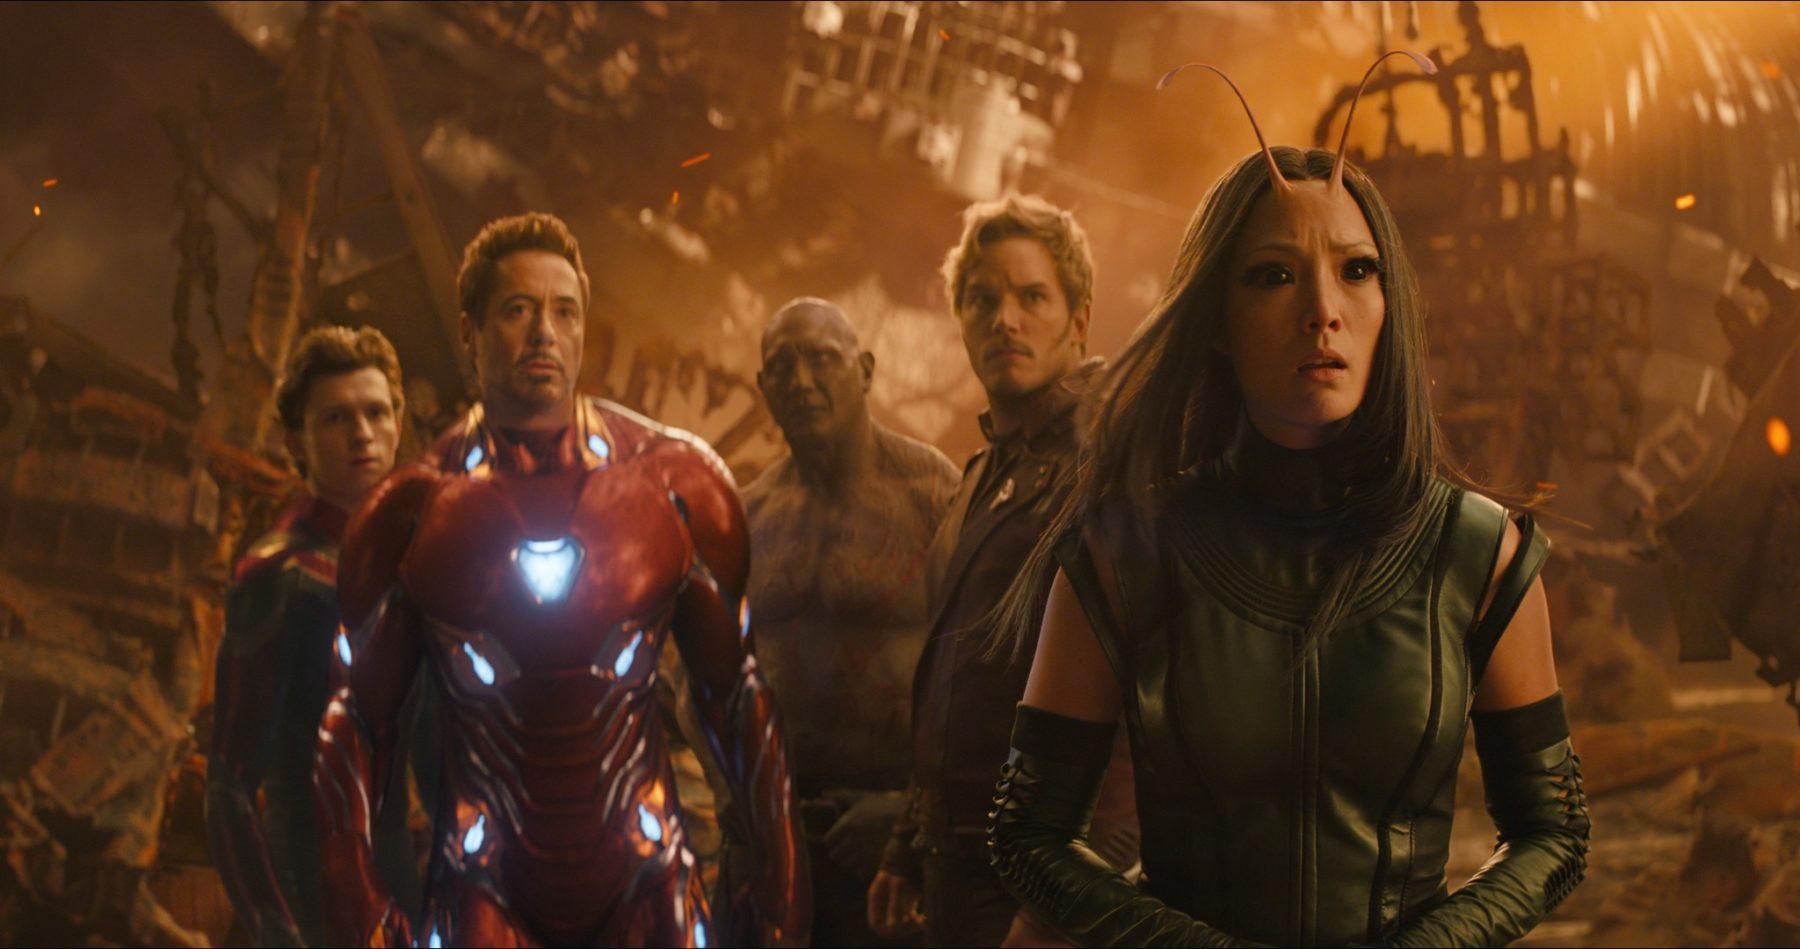 Marvel's Avengers: Infinity War agrega $ 275 millones en el segundo fin de semana y lleva a MCU más allá de $ 16 mil millones